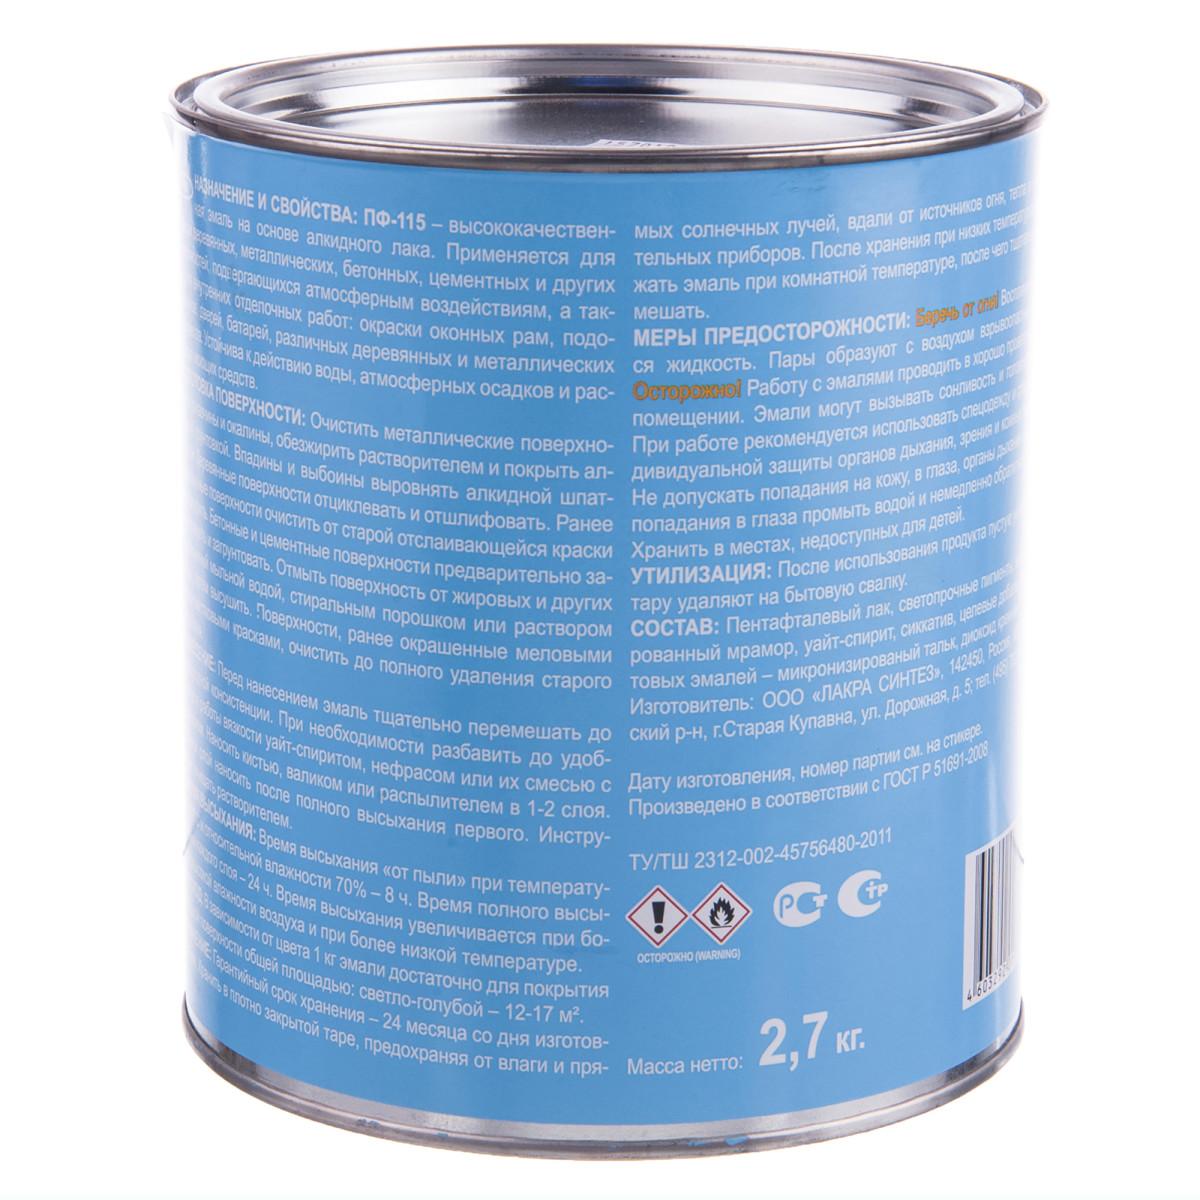 Эмаль светло-голубая ПФ-115 Выбор Мастера 2.7 кг